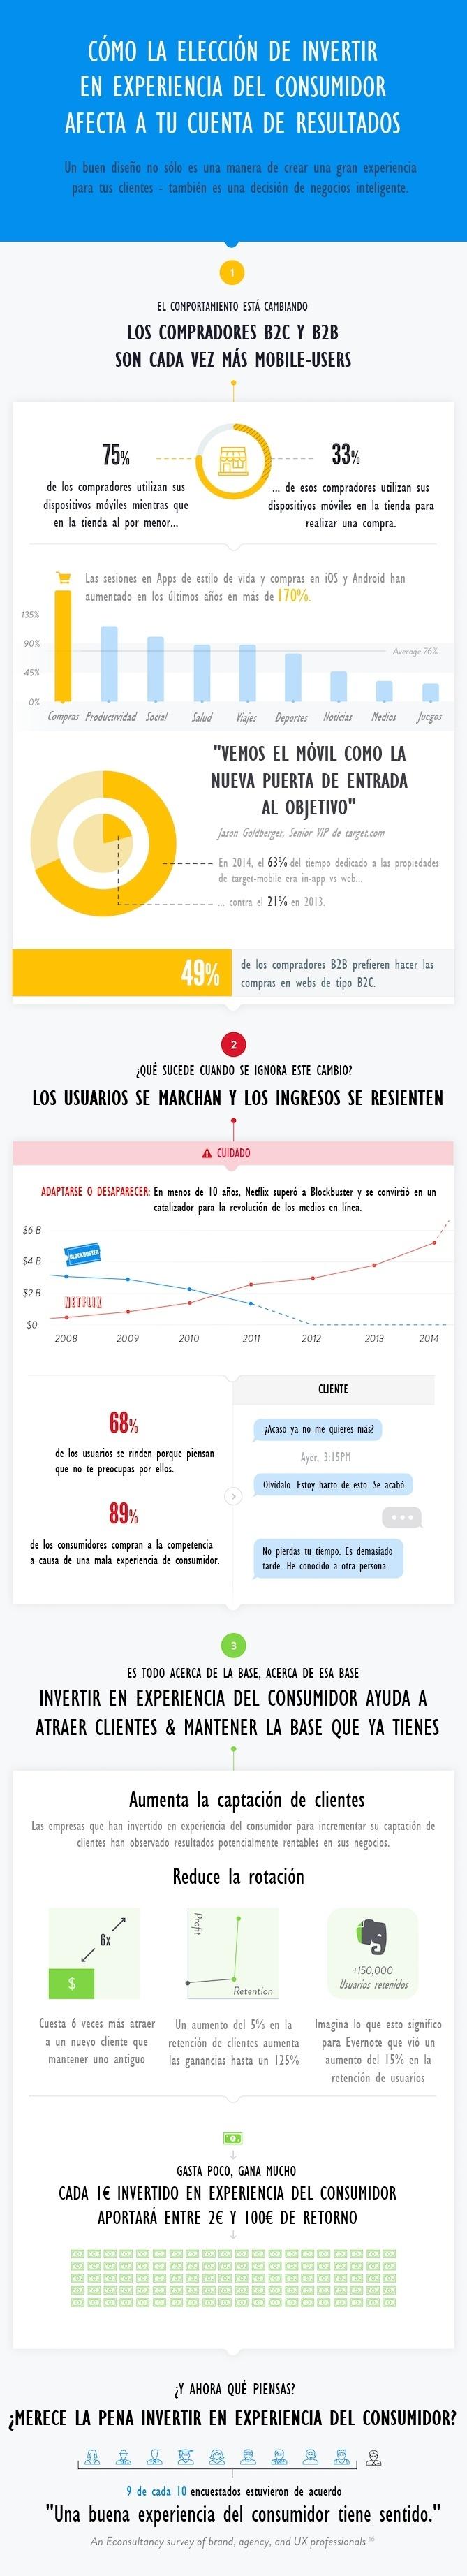 experiencia-usuario-cuenta-resultados-infografia